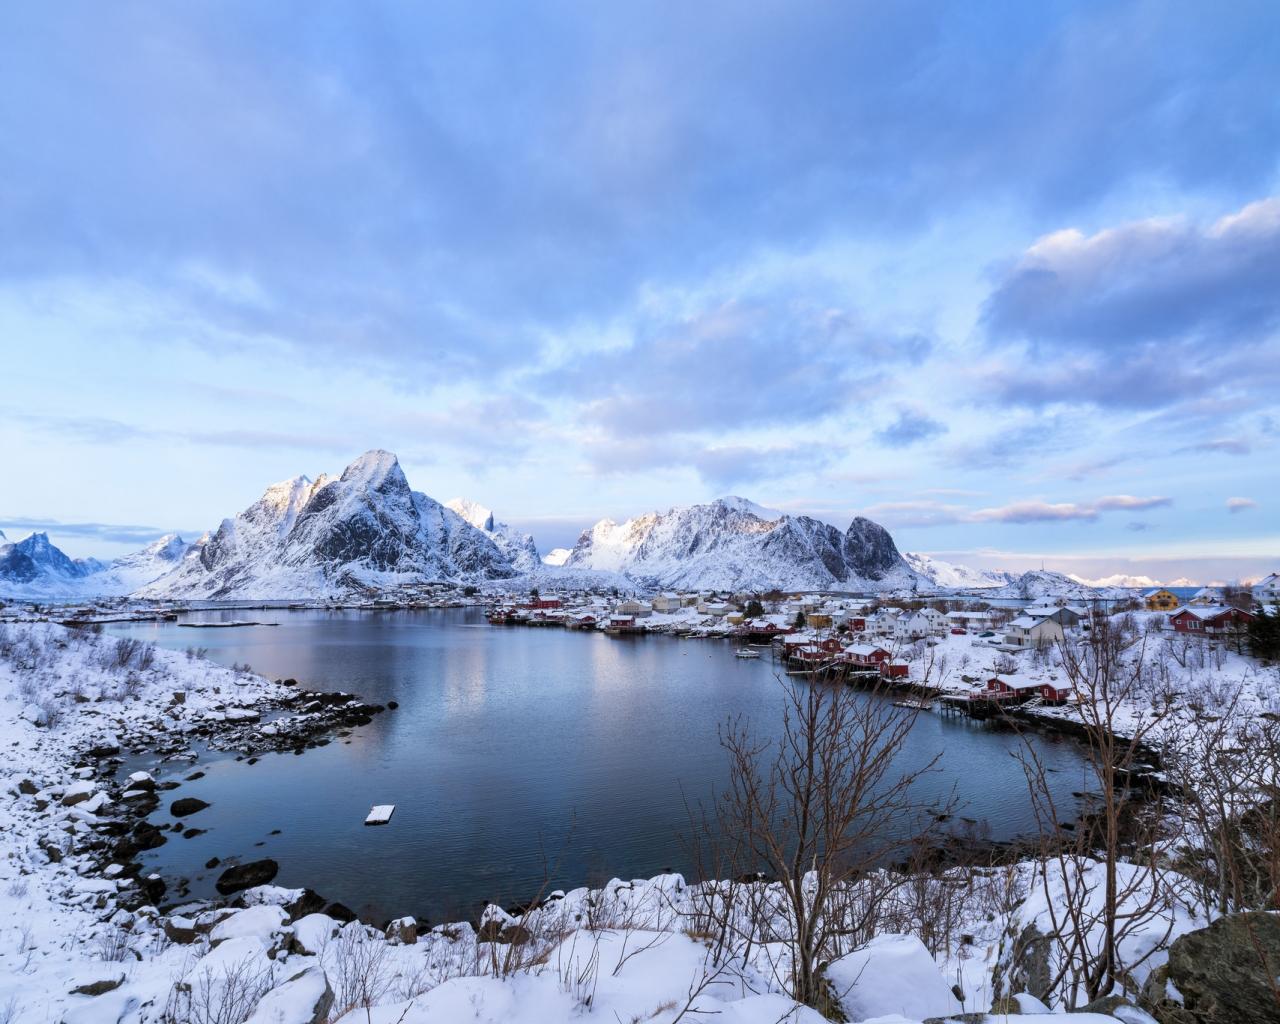 Lago Con Montañas Nevadas Hd: Montañas De Nieve Y Lago Hd 1280x1024